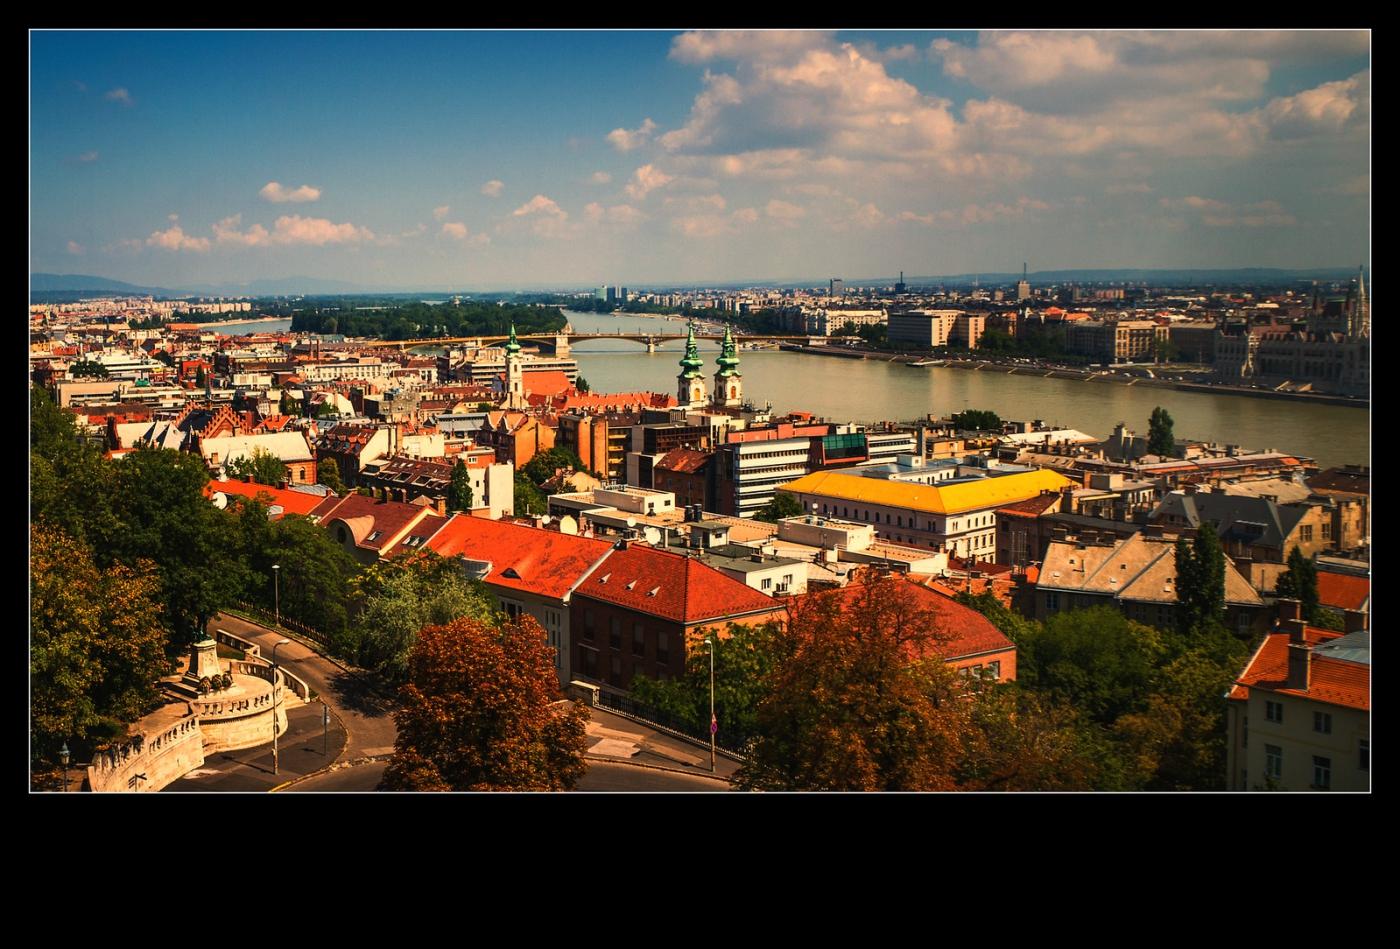 俯瞰布达佩斯,独一无二_图1-5